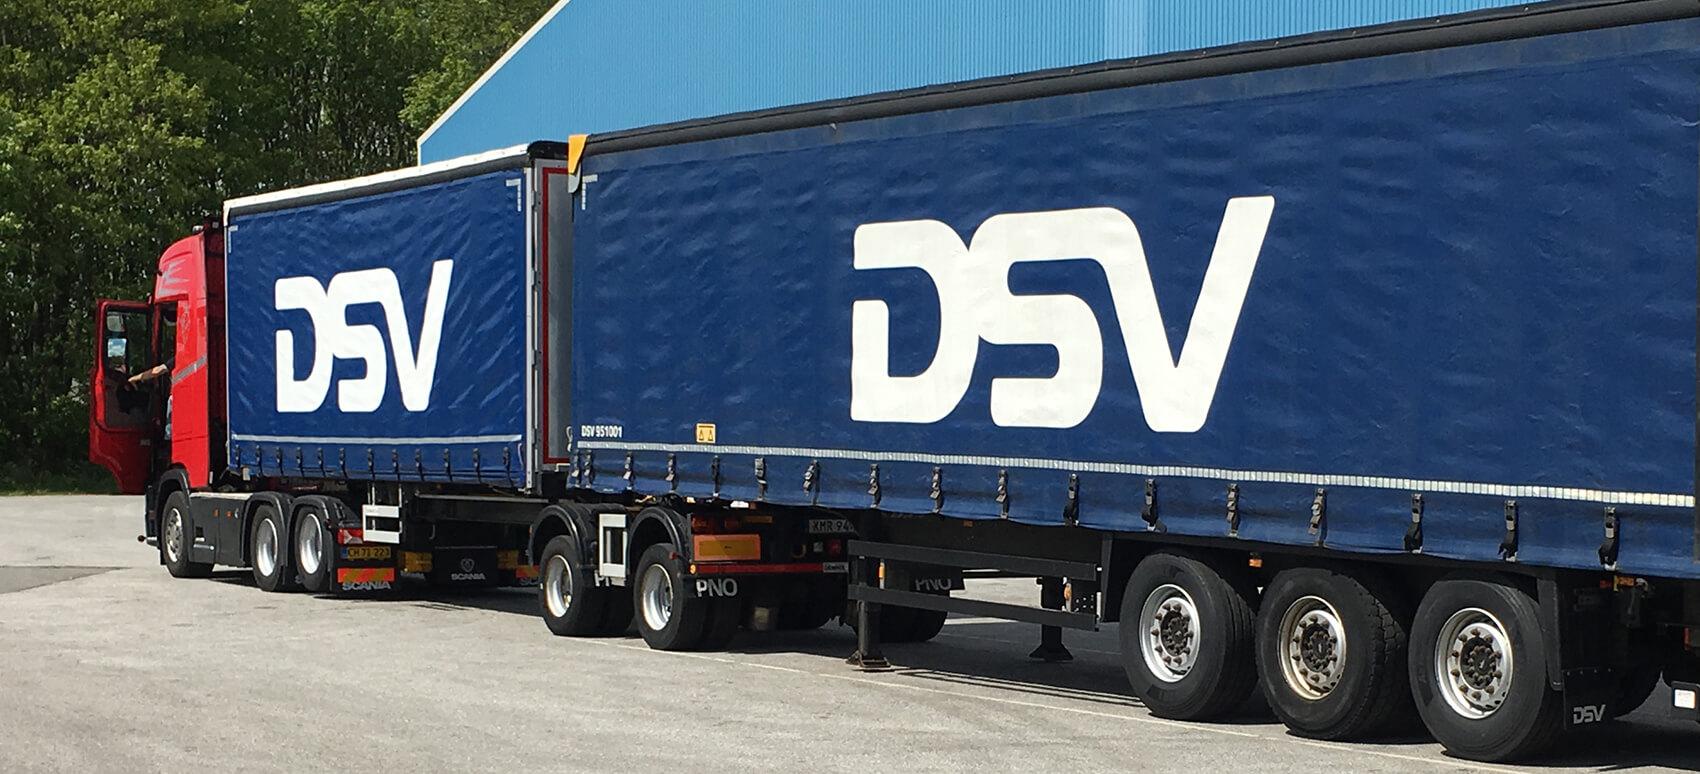 Stigende interesse for modulvogntogskørsel til og fra Sverige